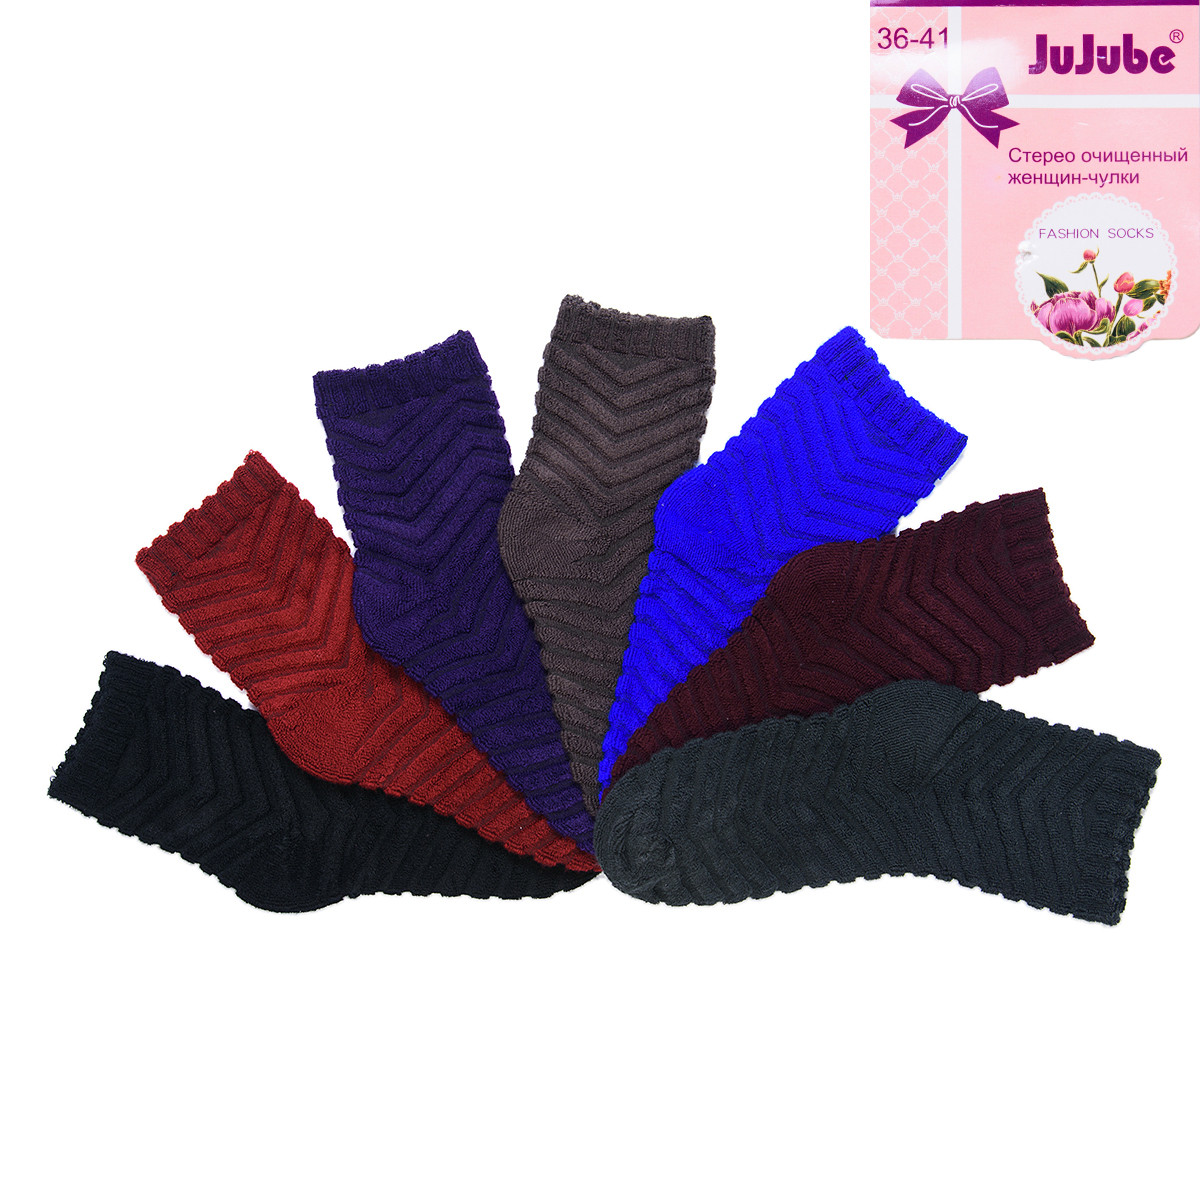 Носки женские махровые полосатые Jujube A138-13 | 12 шт.